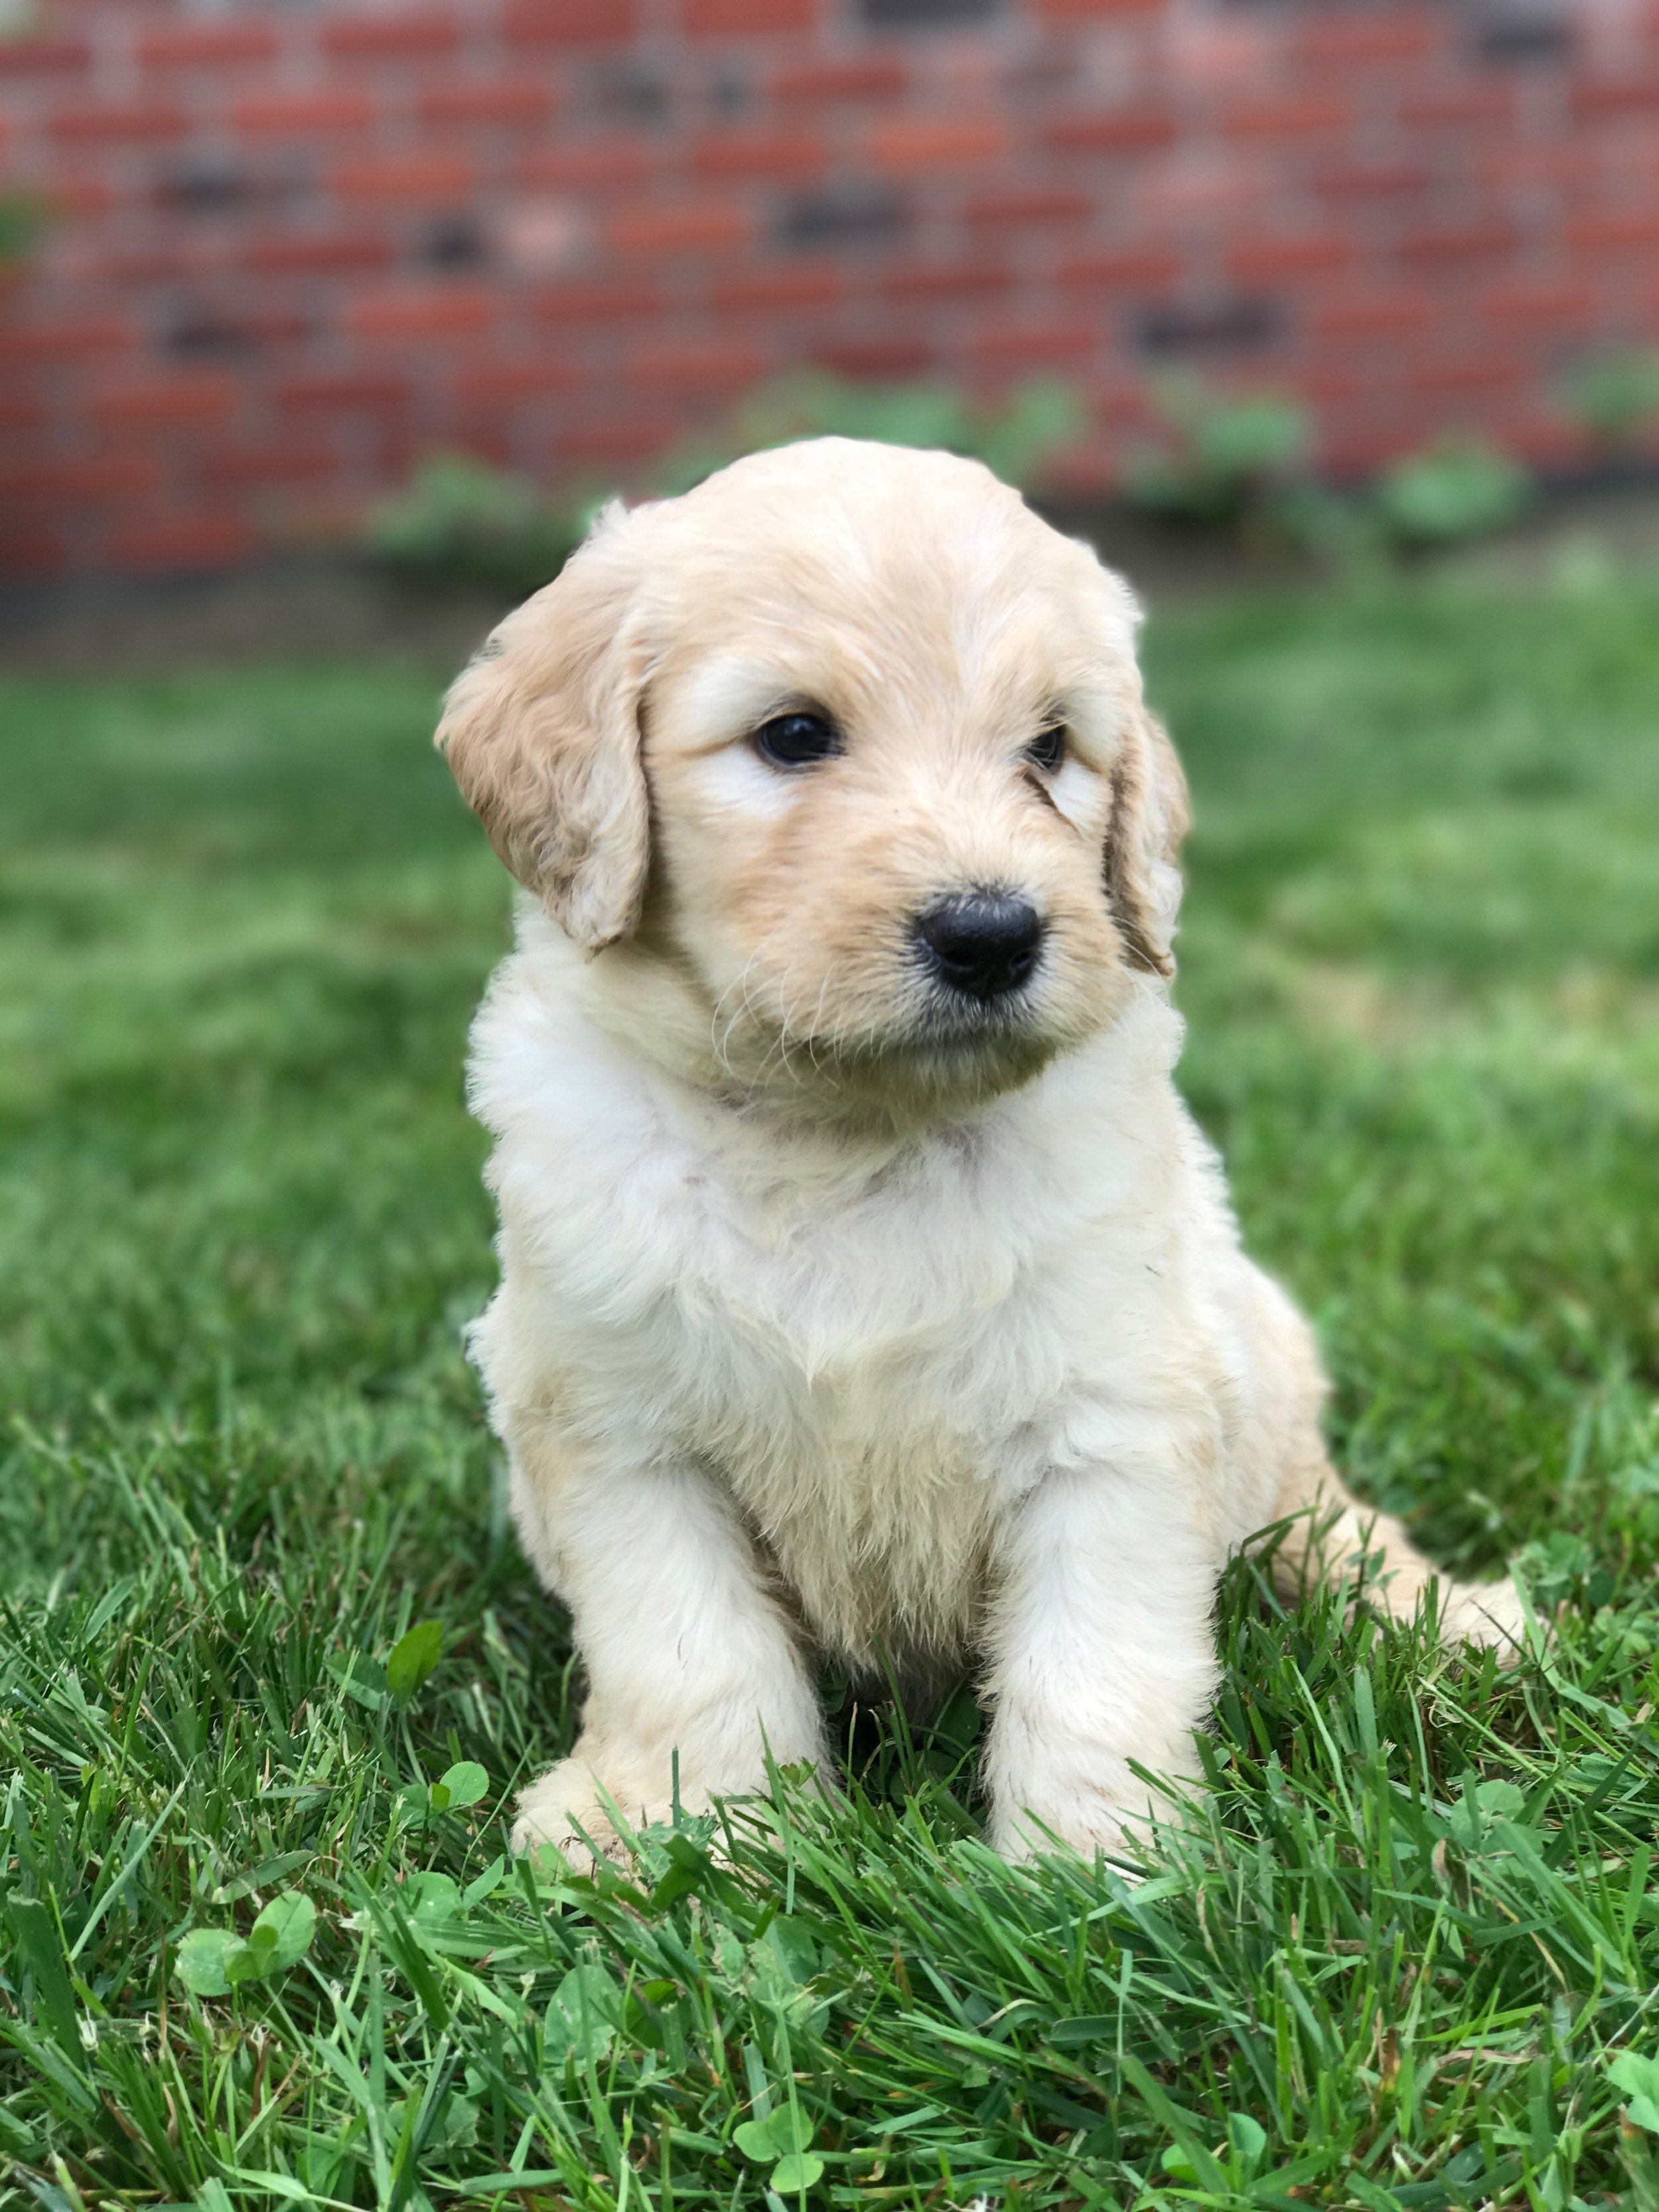 Golden Doodle puppies for sale-Evergreen DoodlesFAQ's